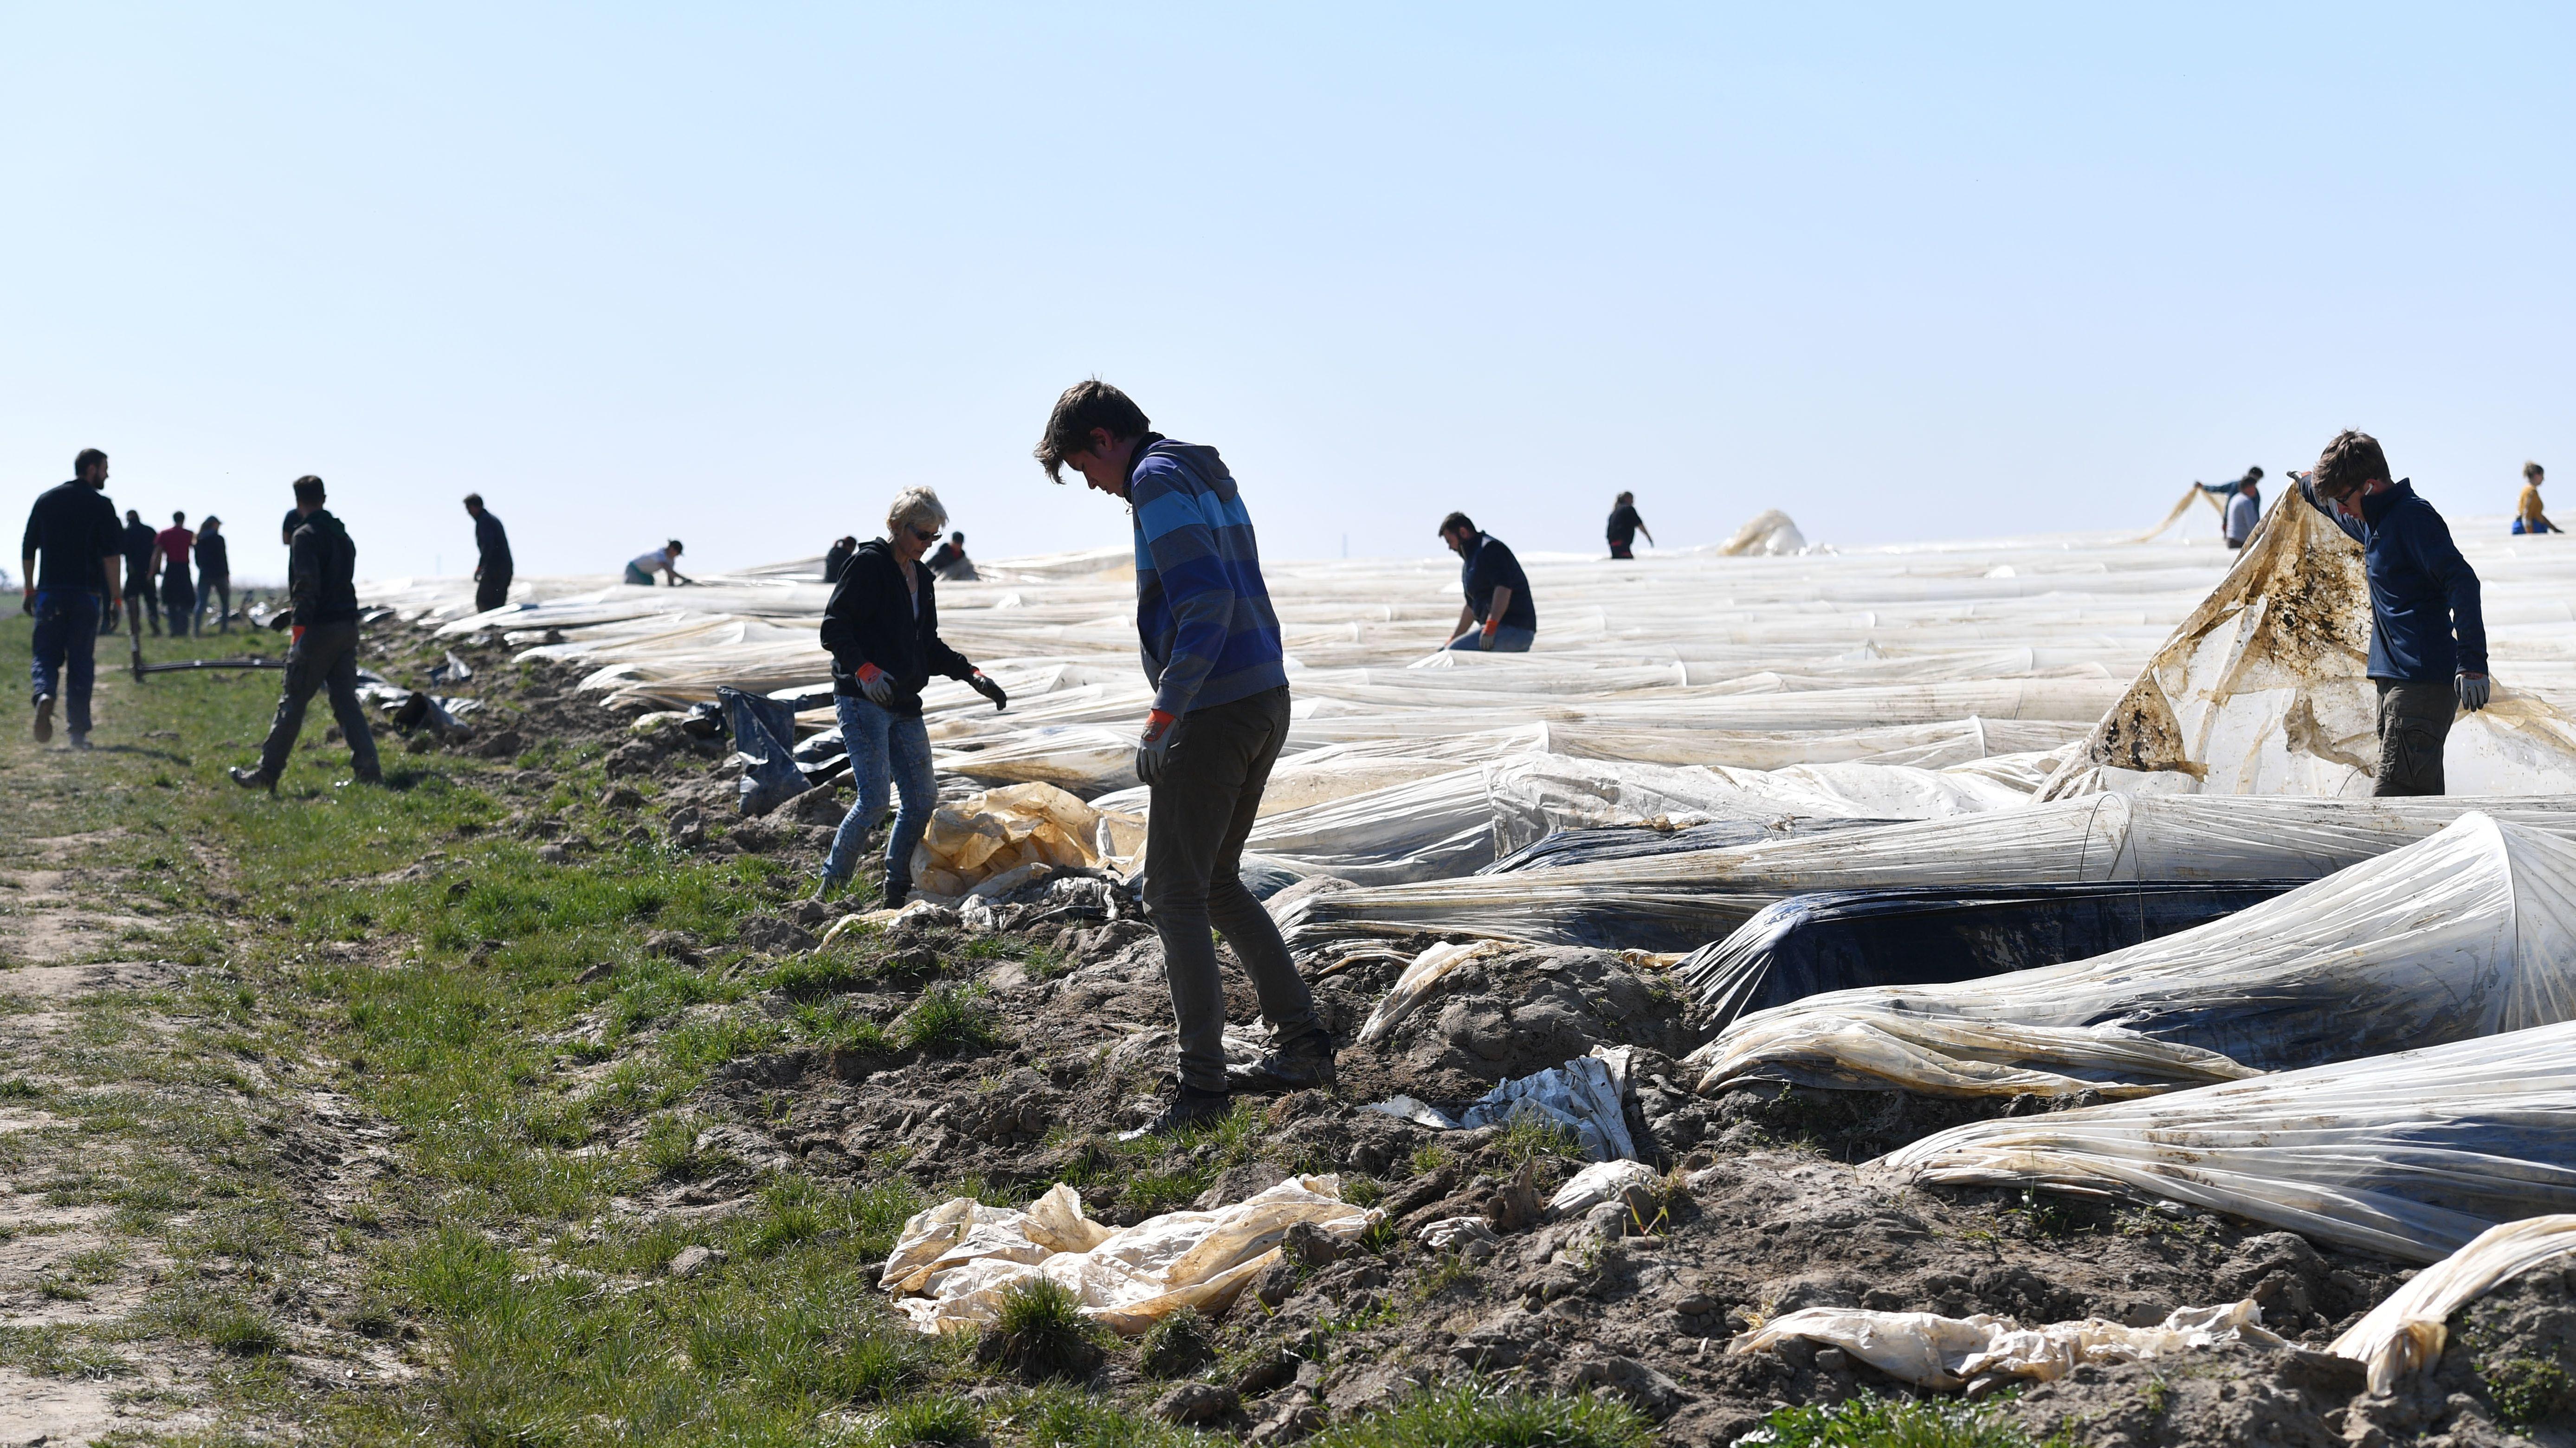 Erntehelfer: Arbeiter decken die Spargelfelder mit Plastikfolien ab. Am 02.04.2020 bei Sainbach im Kreis Aichach Friedberg.